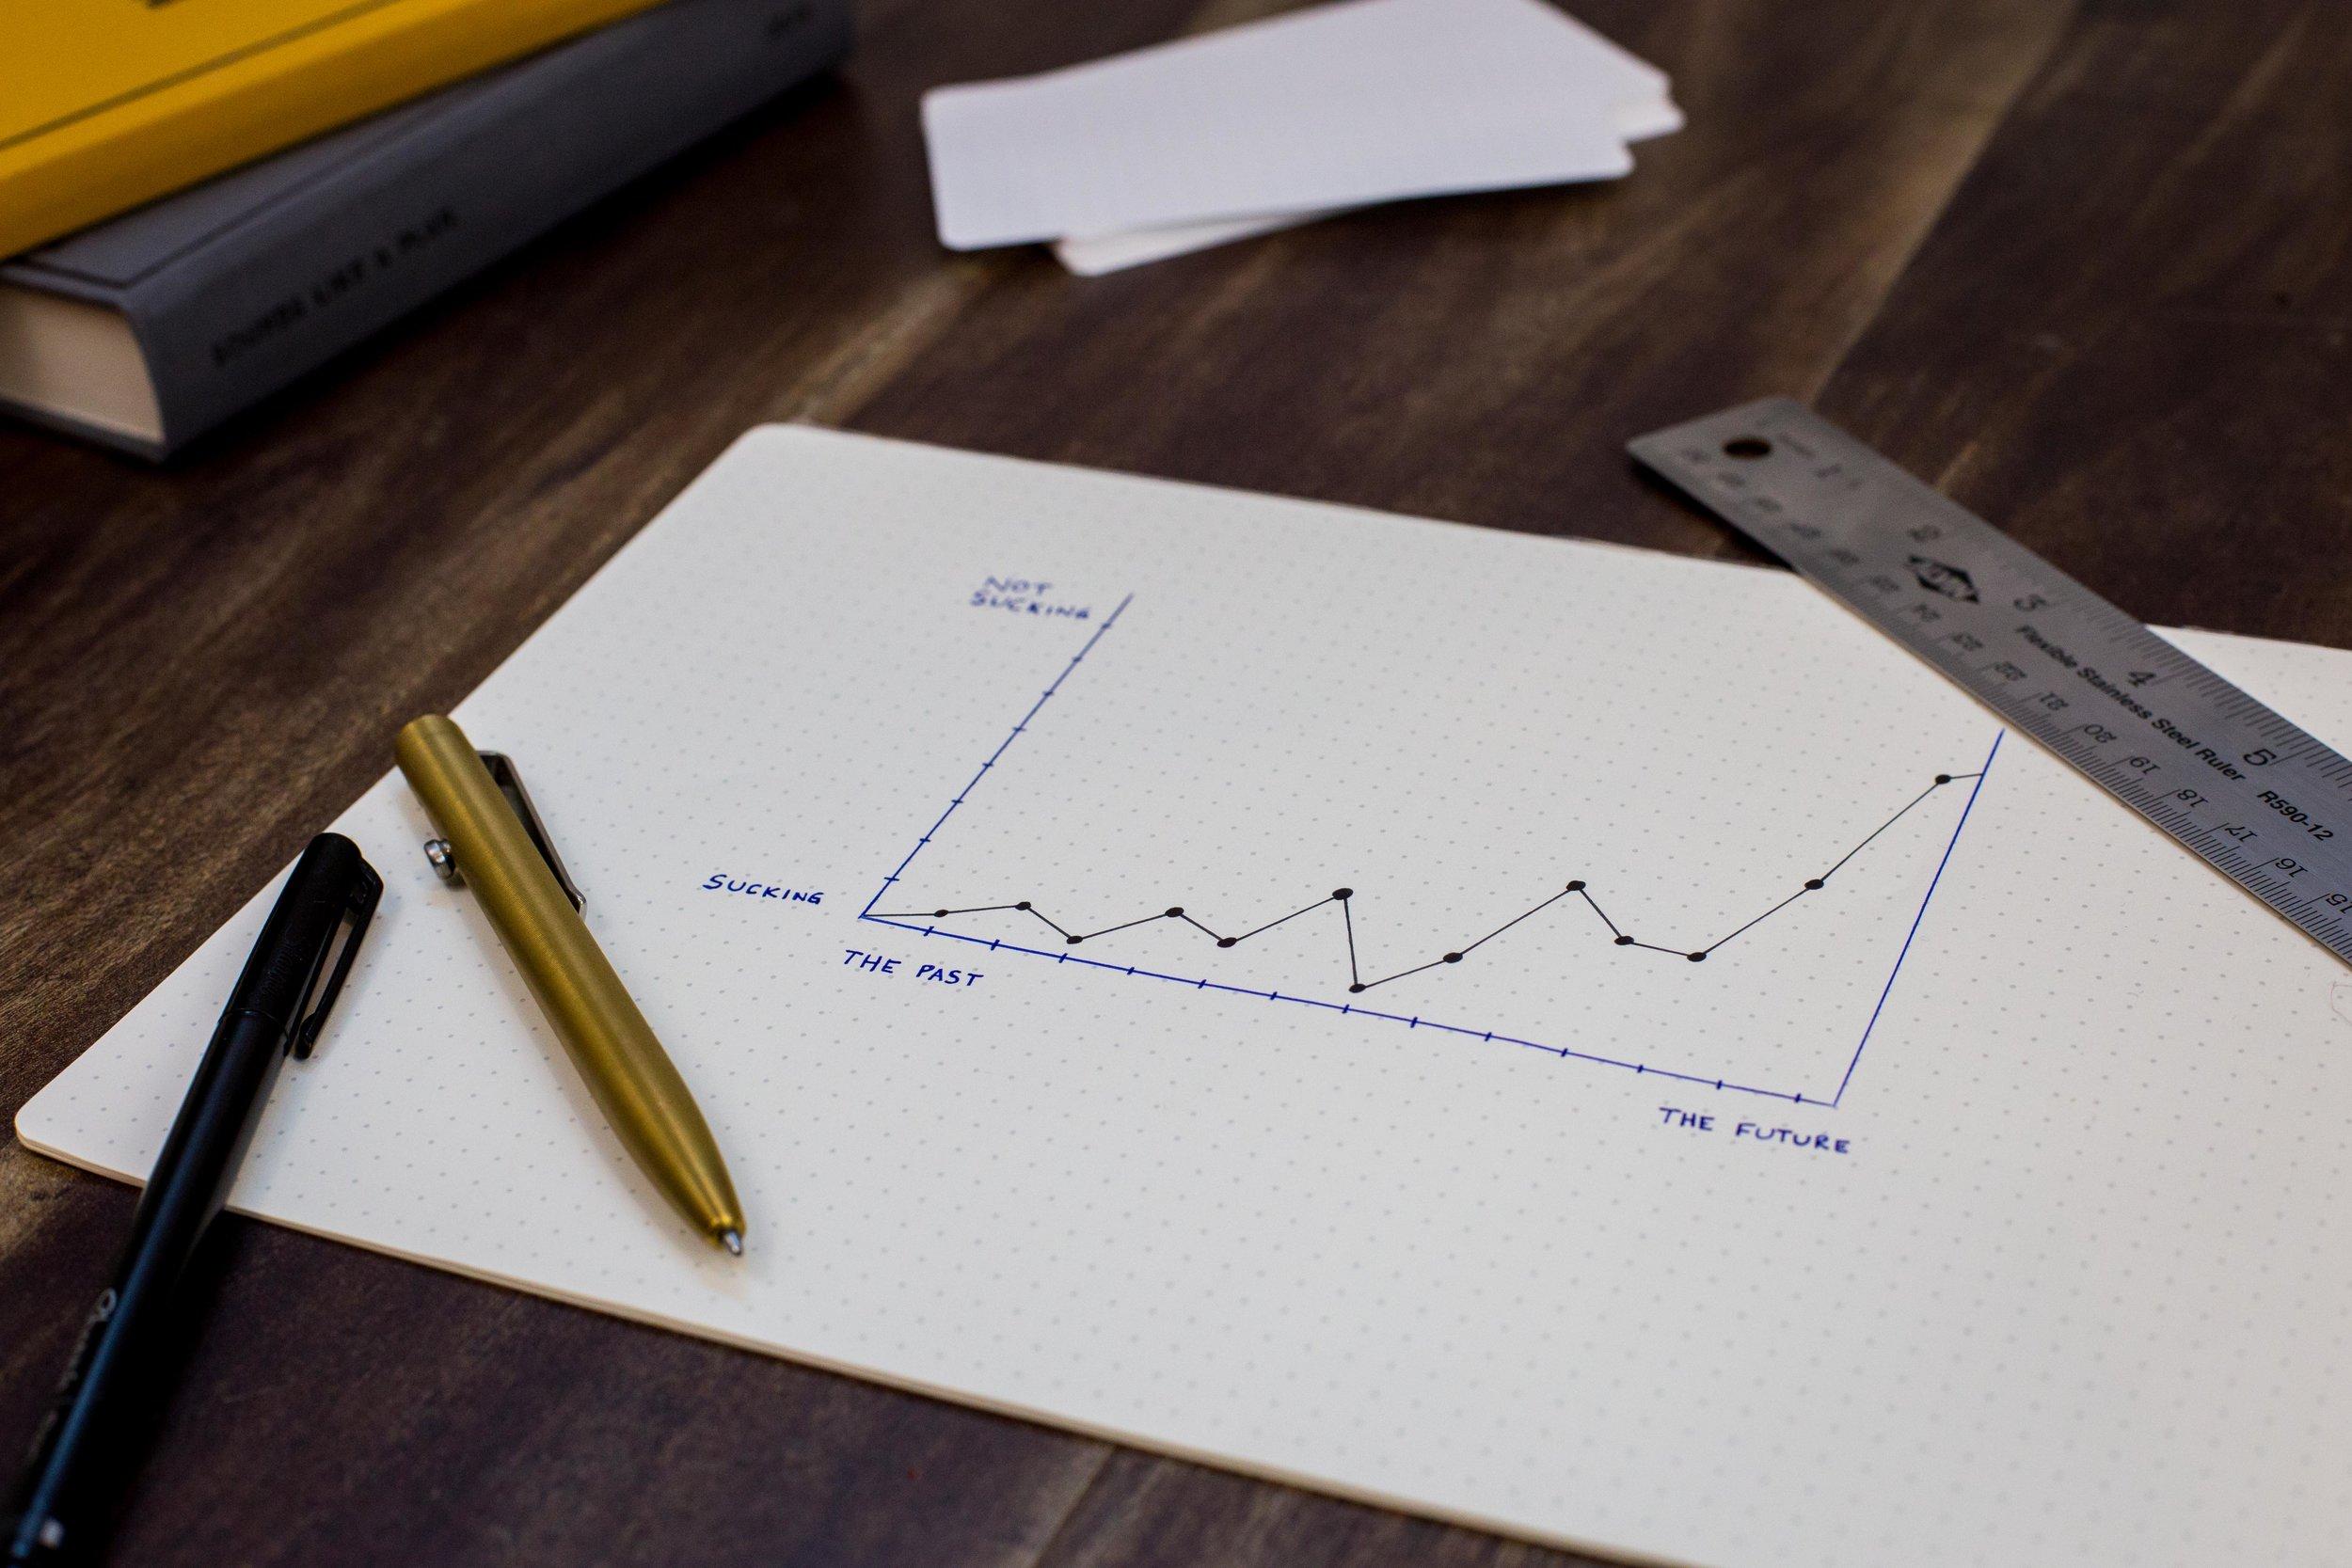 DRAG & DROP - Qlik Sense is een gebruikersvriendelijke tool om visualisaties te bouwen.Het is met Qlik Sense mogelijk om middels 'drag&drop' -functionaliteit gemakkelijk visualisaties, tabellen en KPI grafieken te maken. Qlik Sense biedt diverse geautomatiseerde grafieken zoals histogrammen, staafdiagrammen en 'heatmaps'.